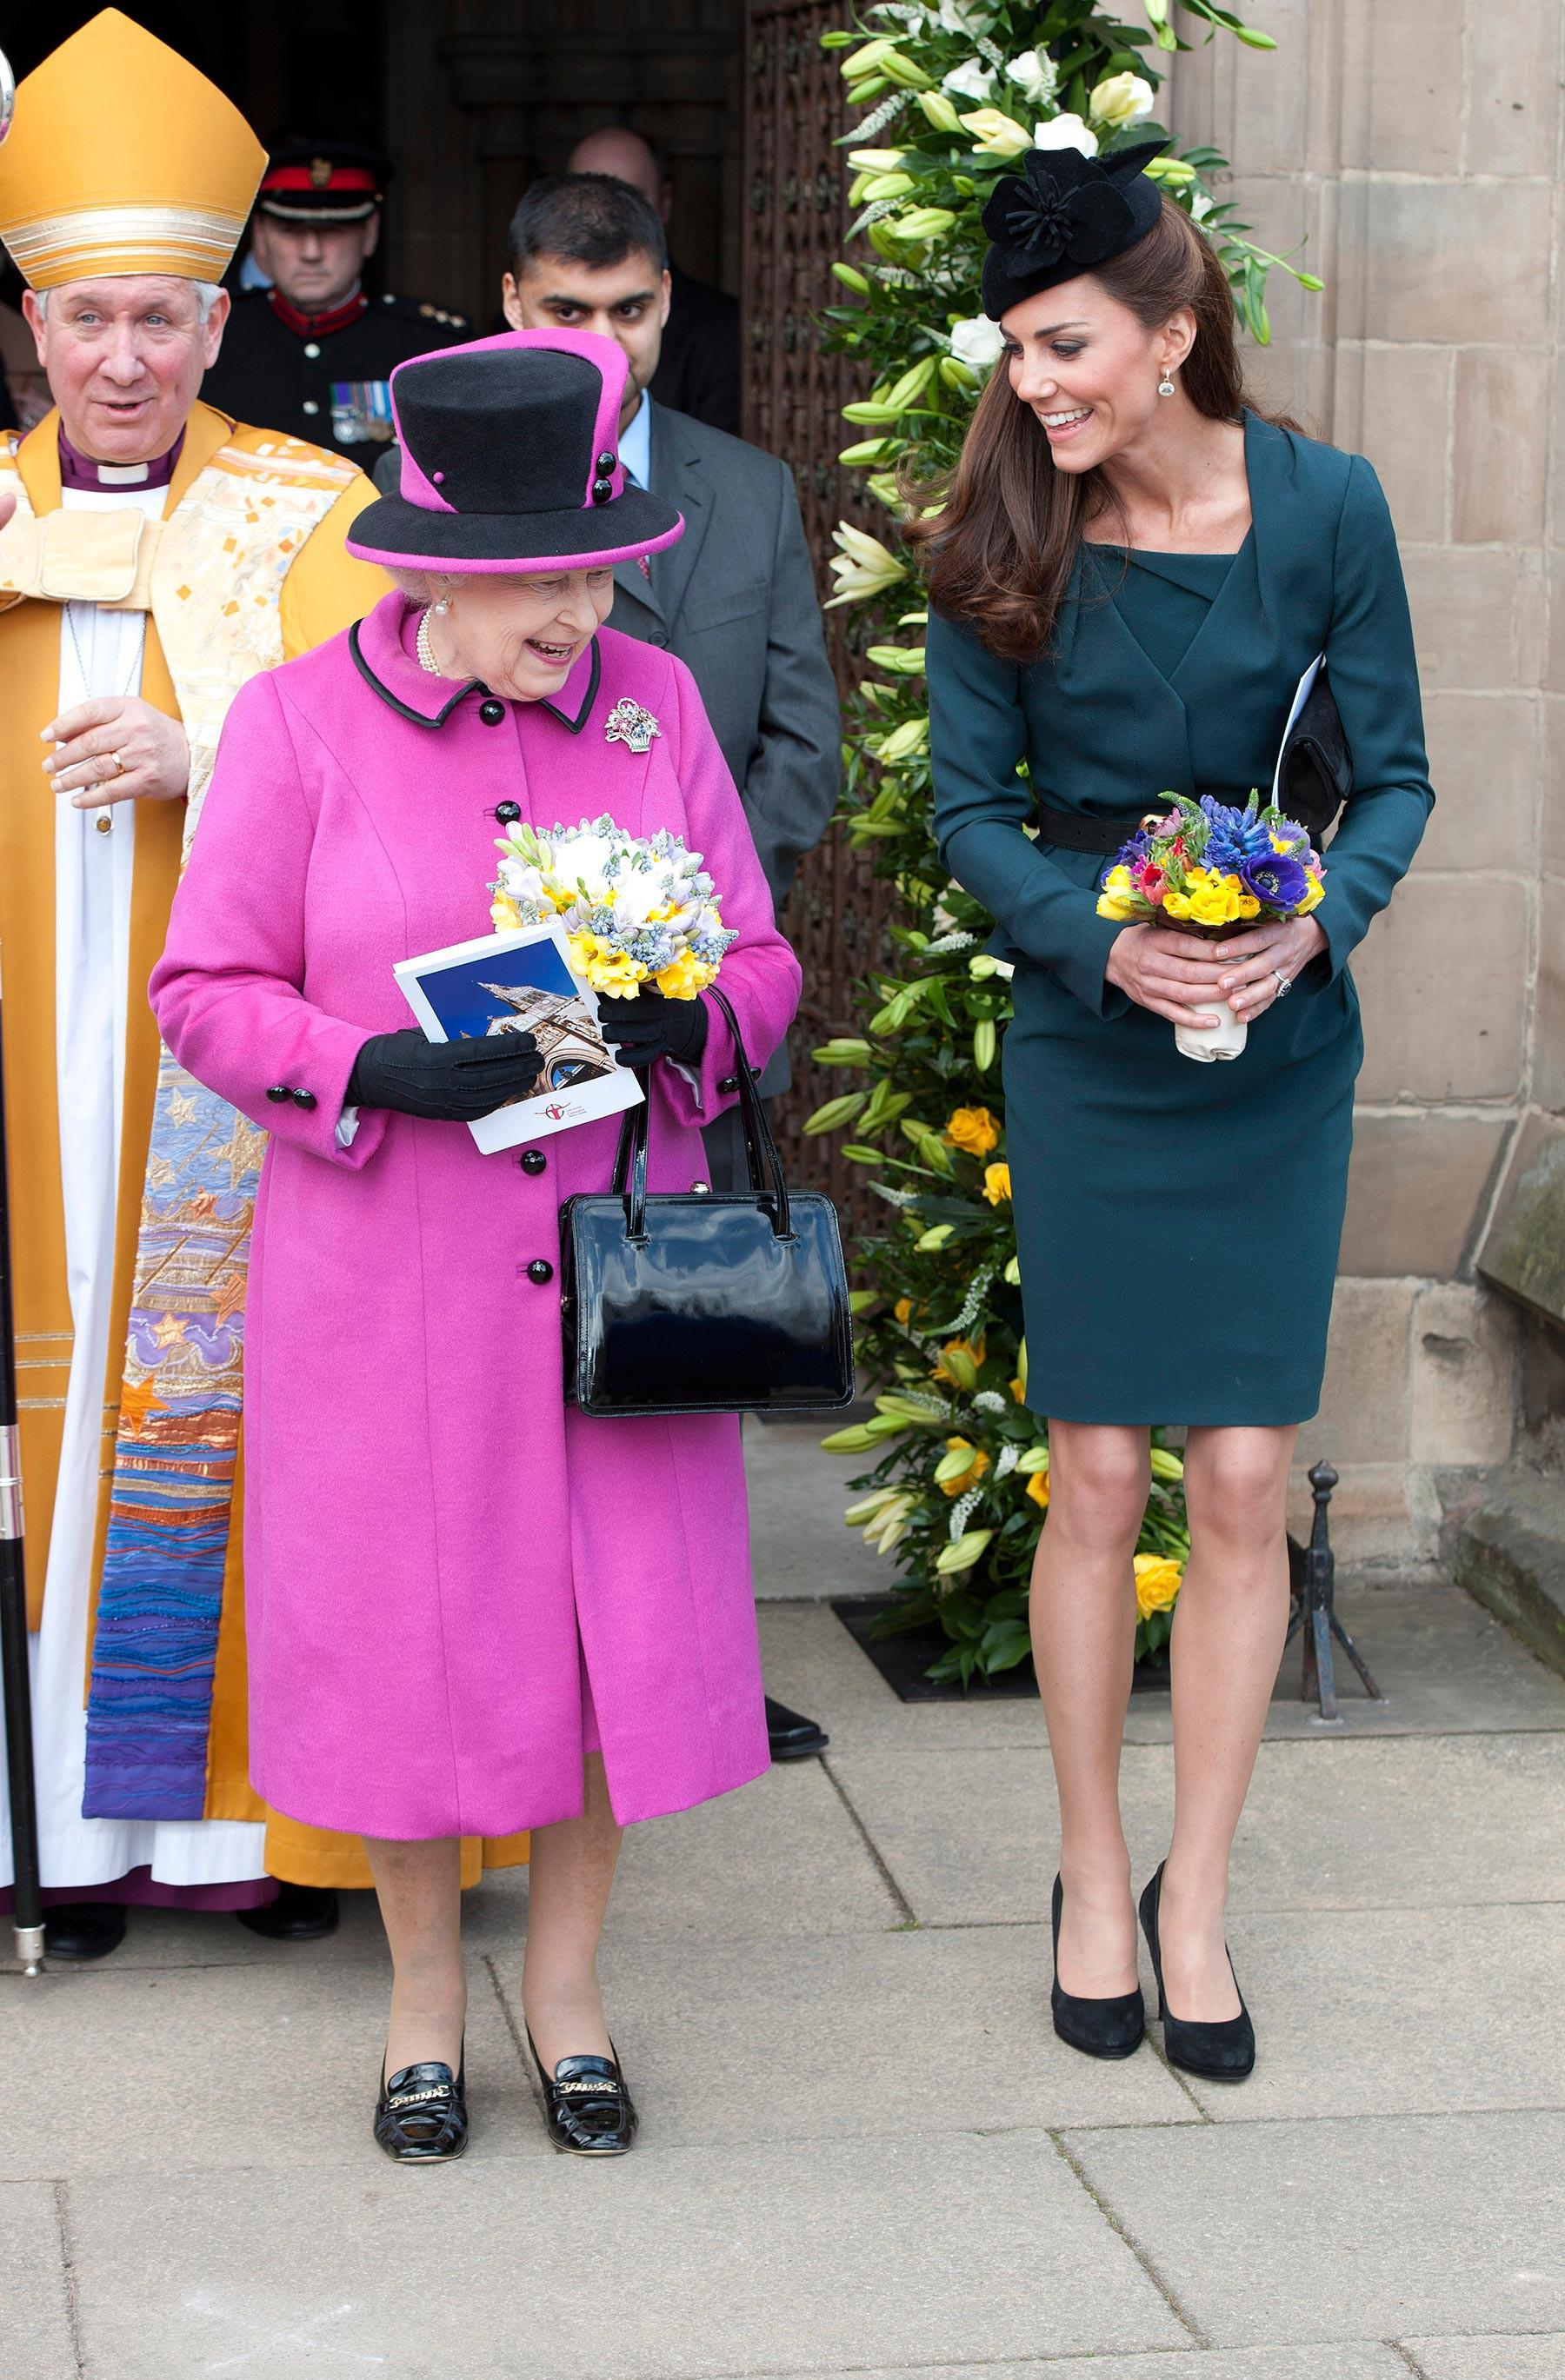 Tinh tế như Công nương Kate: chọn quần tất cũng là một nghệ thuật, vừa tự nhiên khó phát hiện lại vừa phải chắc chân, không lo tuột giày - Ảnh 1.